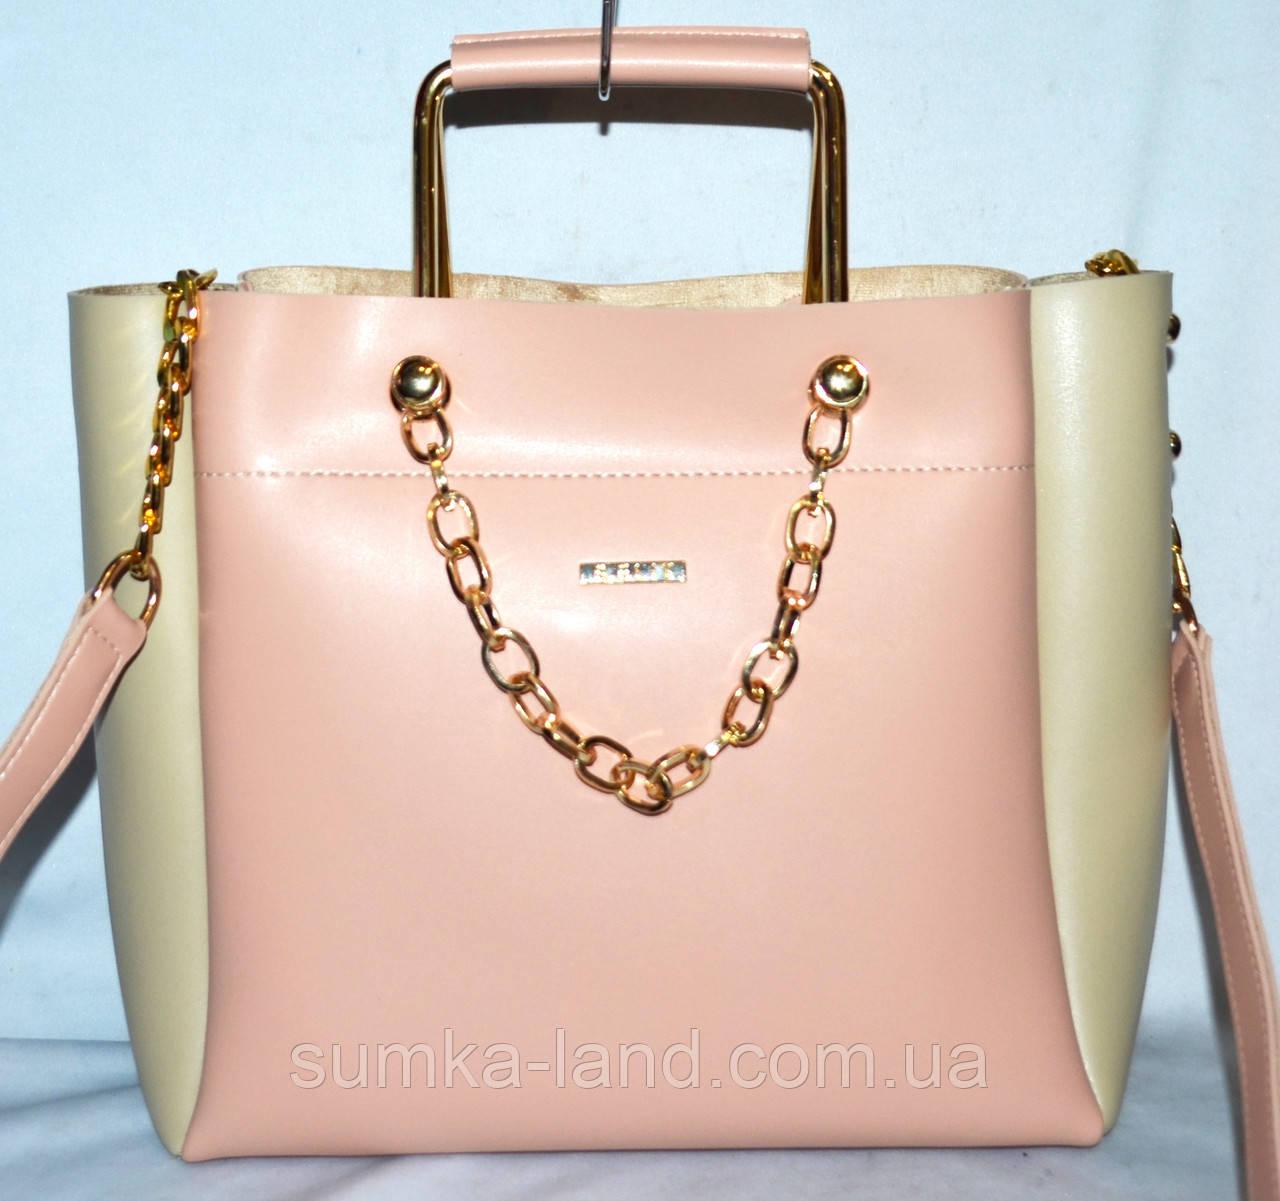 19f5829a907b Женская пудровая сумка B Elit с молочными вставками и ремешком на цепочке  25*24 см